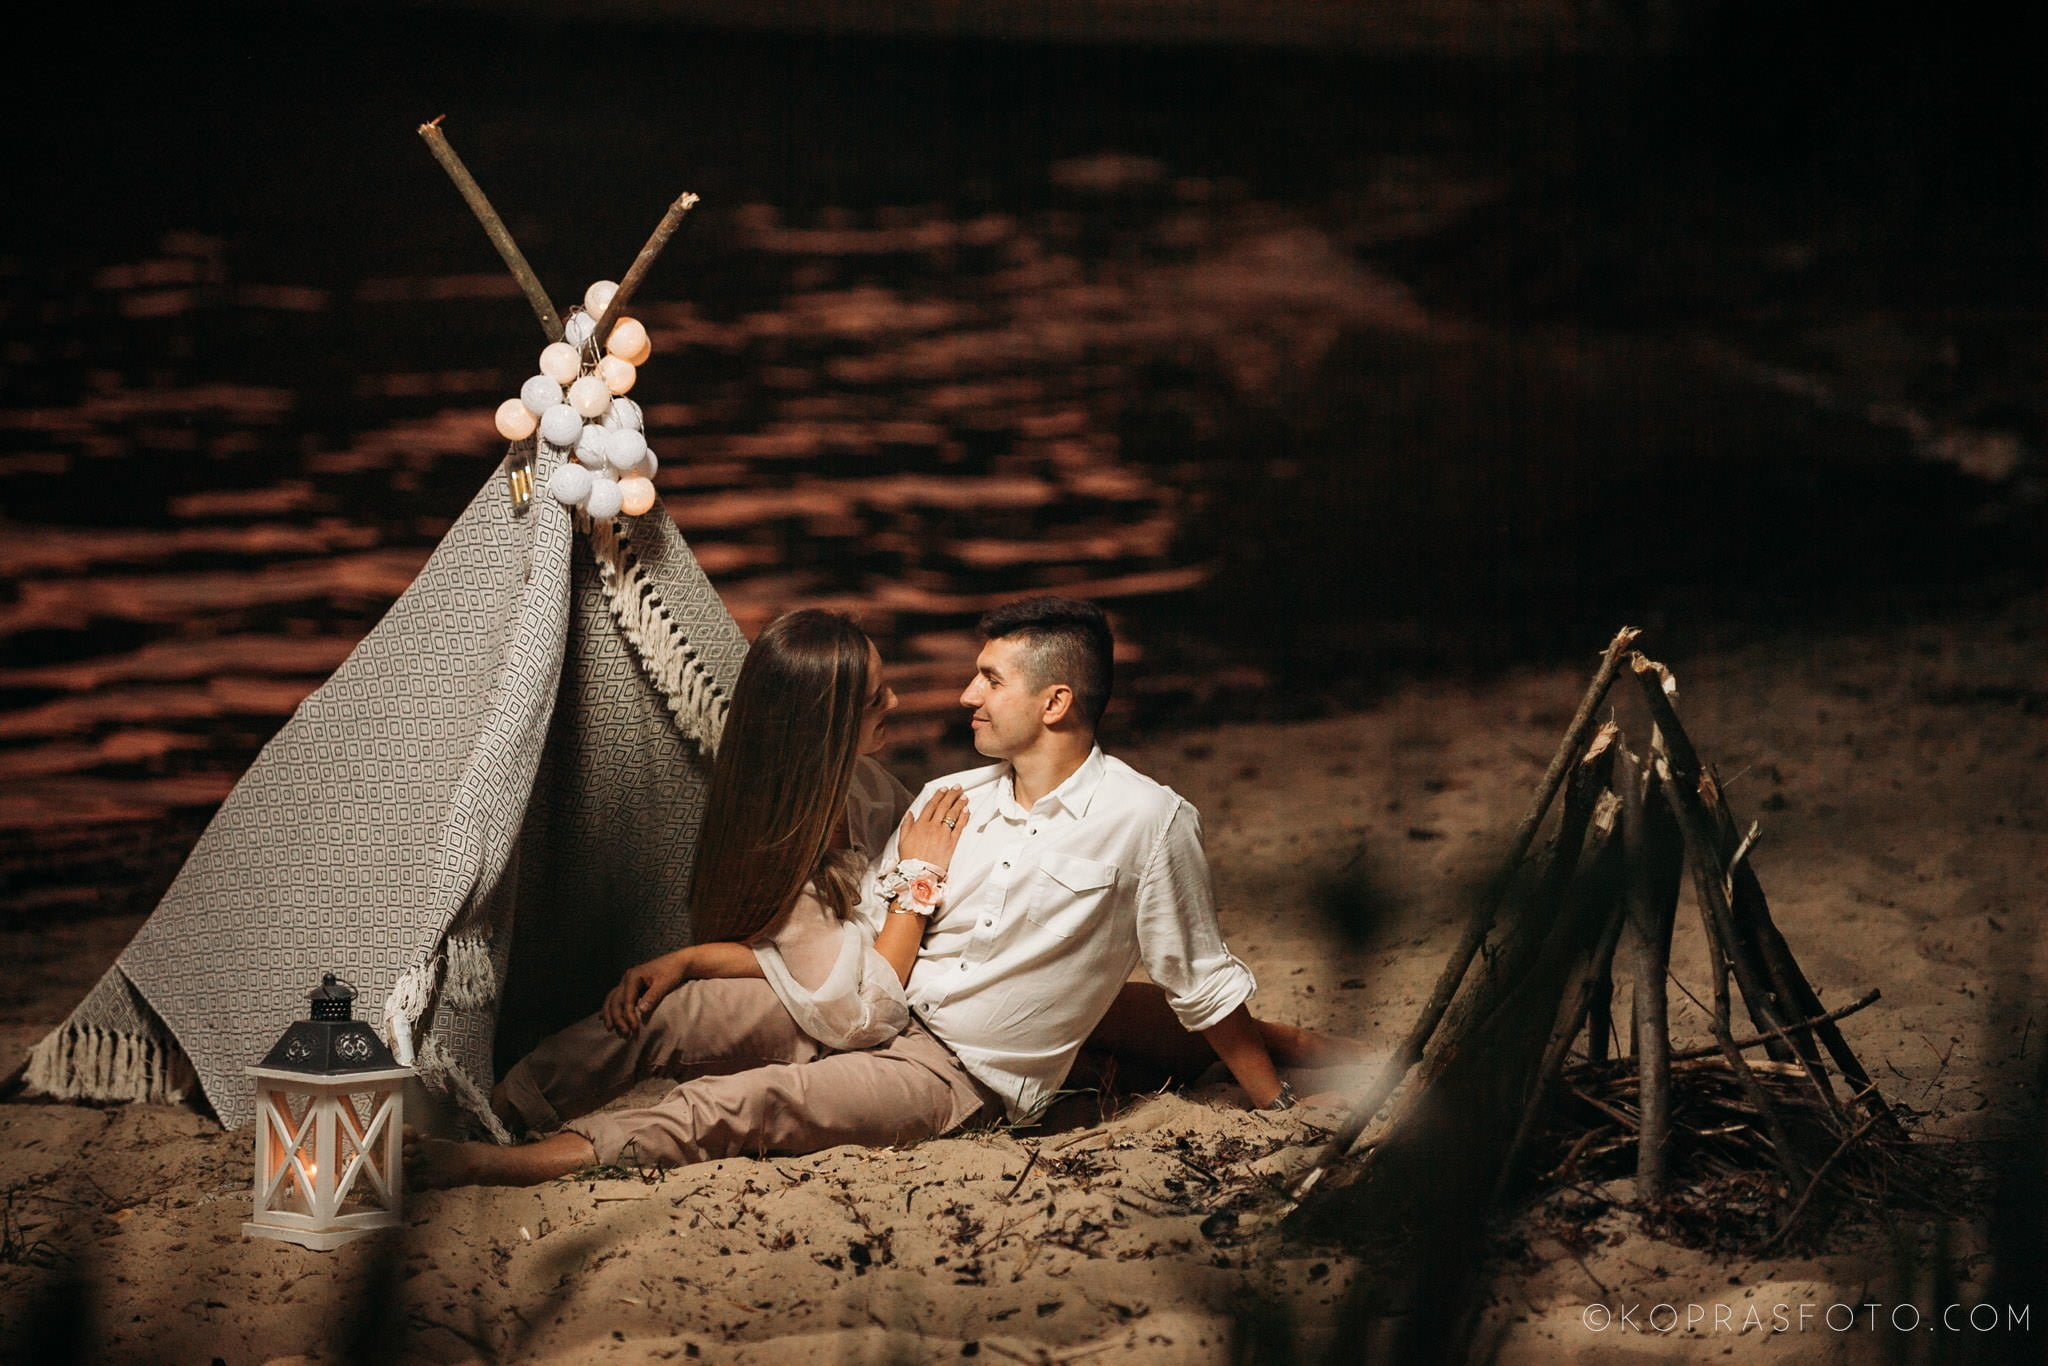 fotografia ślubna koło, najlepszy fotograf koło, najlepsza fotografia śłubna Koło, naturalne zdjęcia